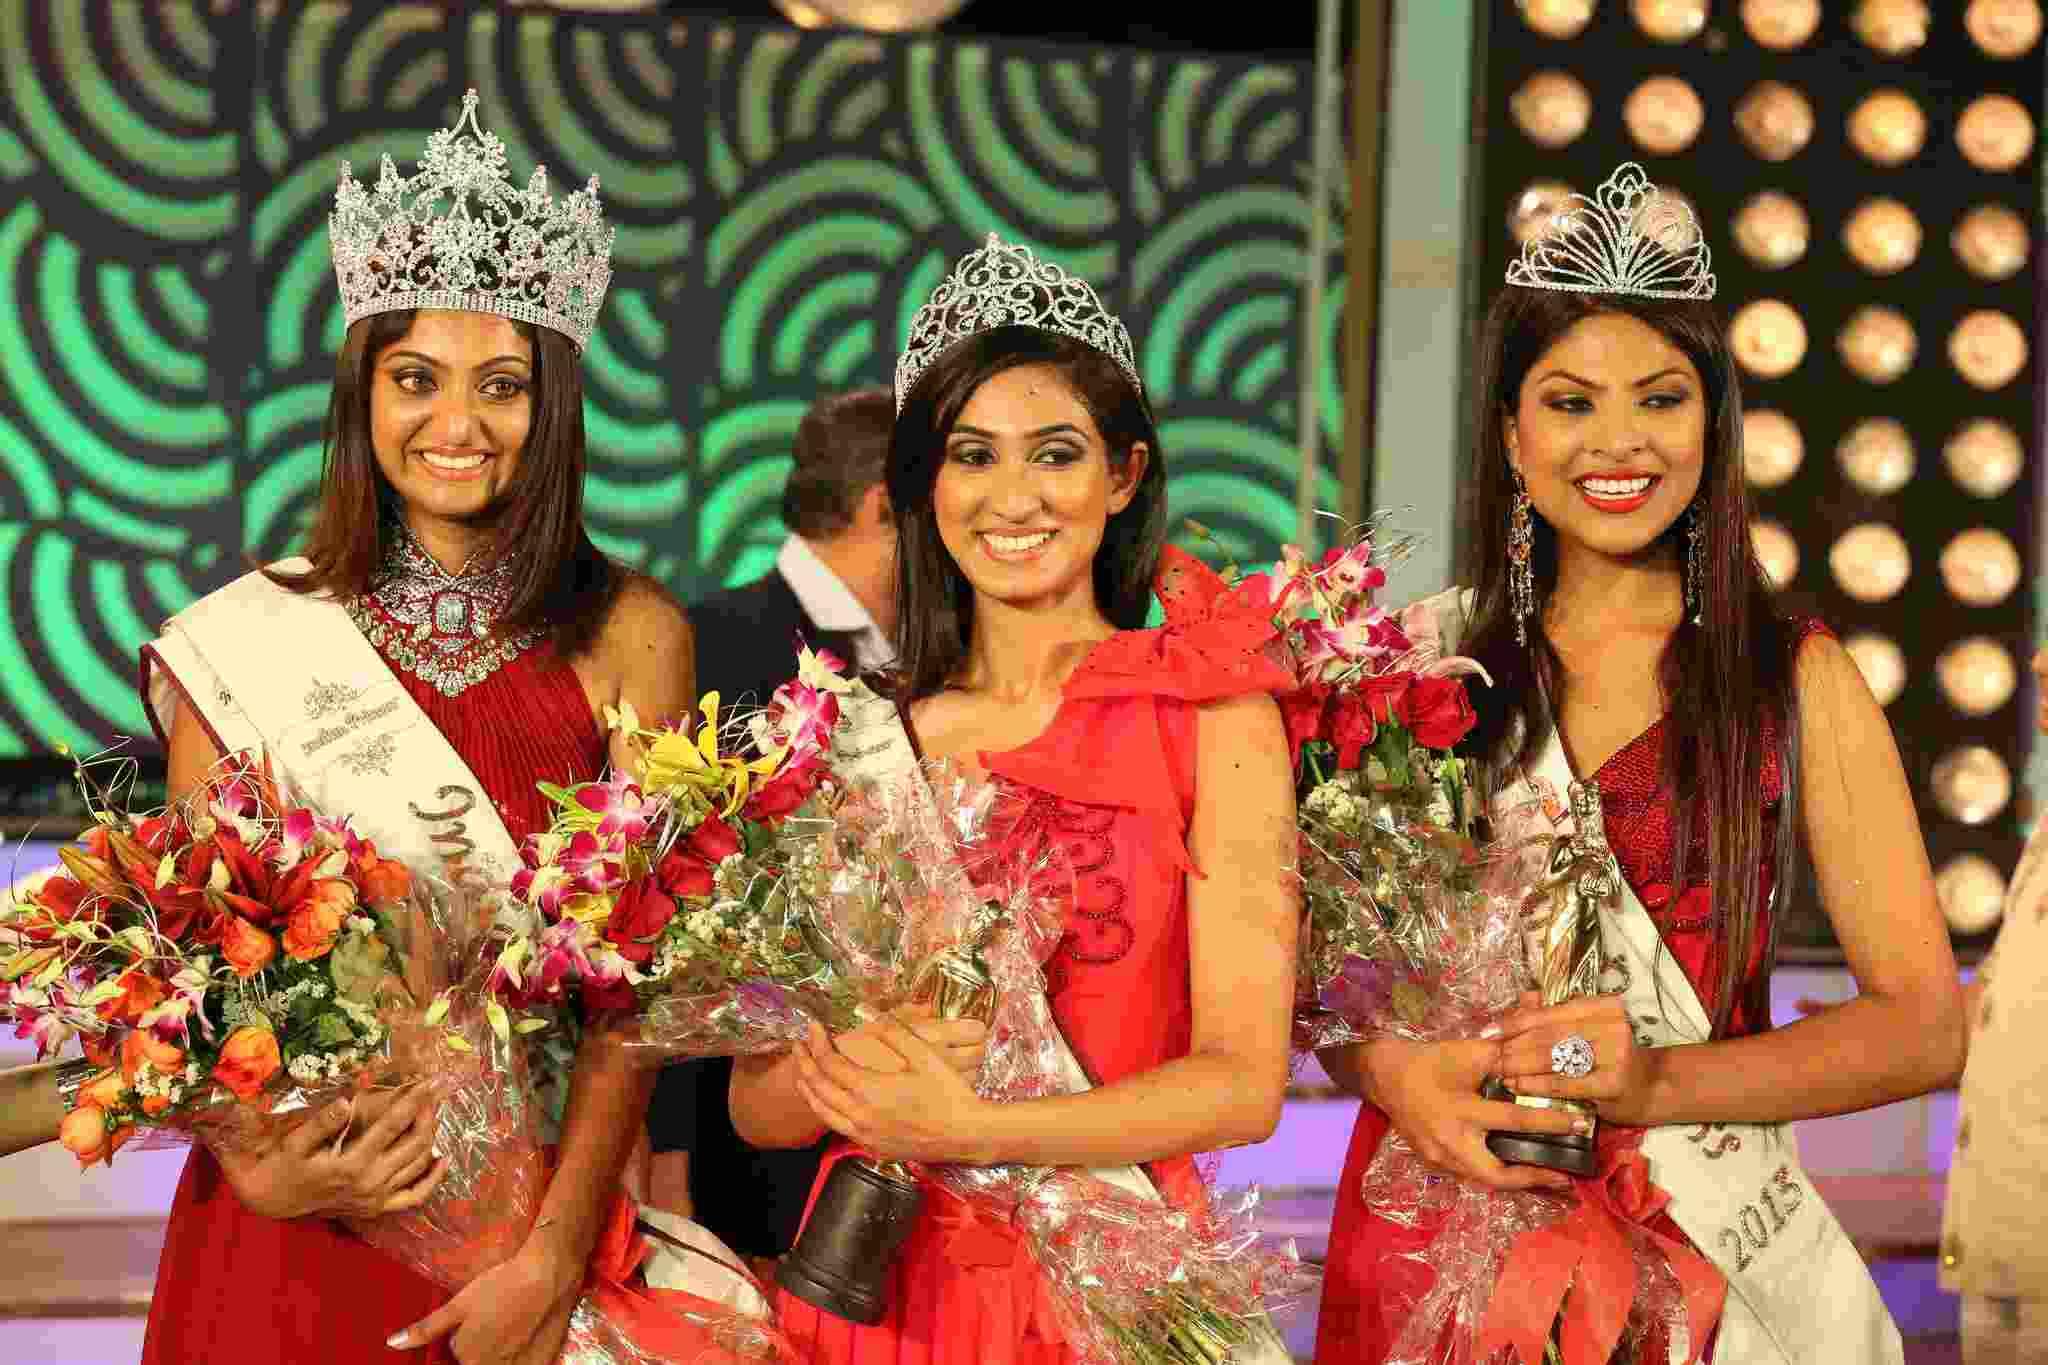 Deepti Sati Indian Princess 2013